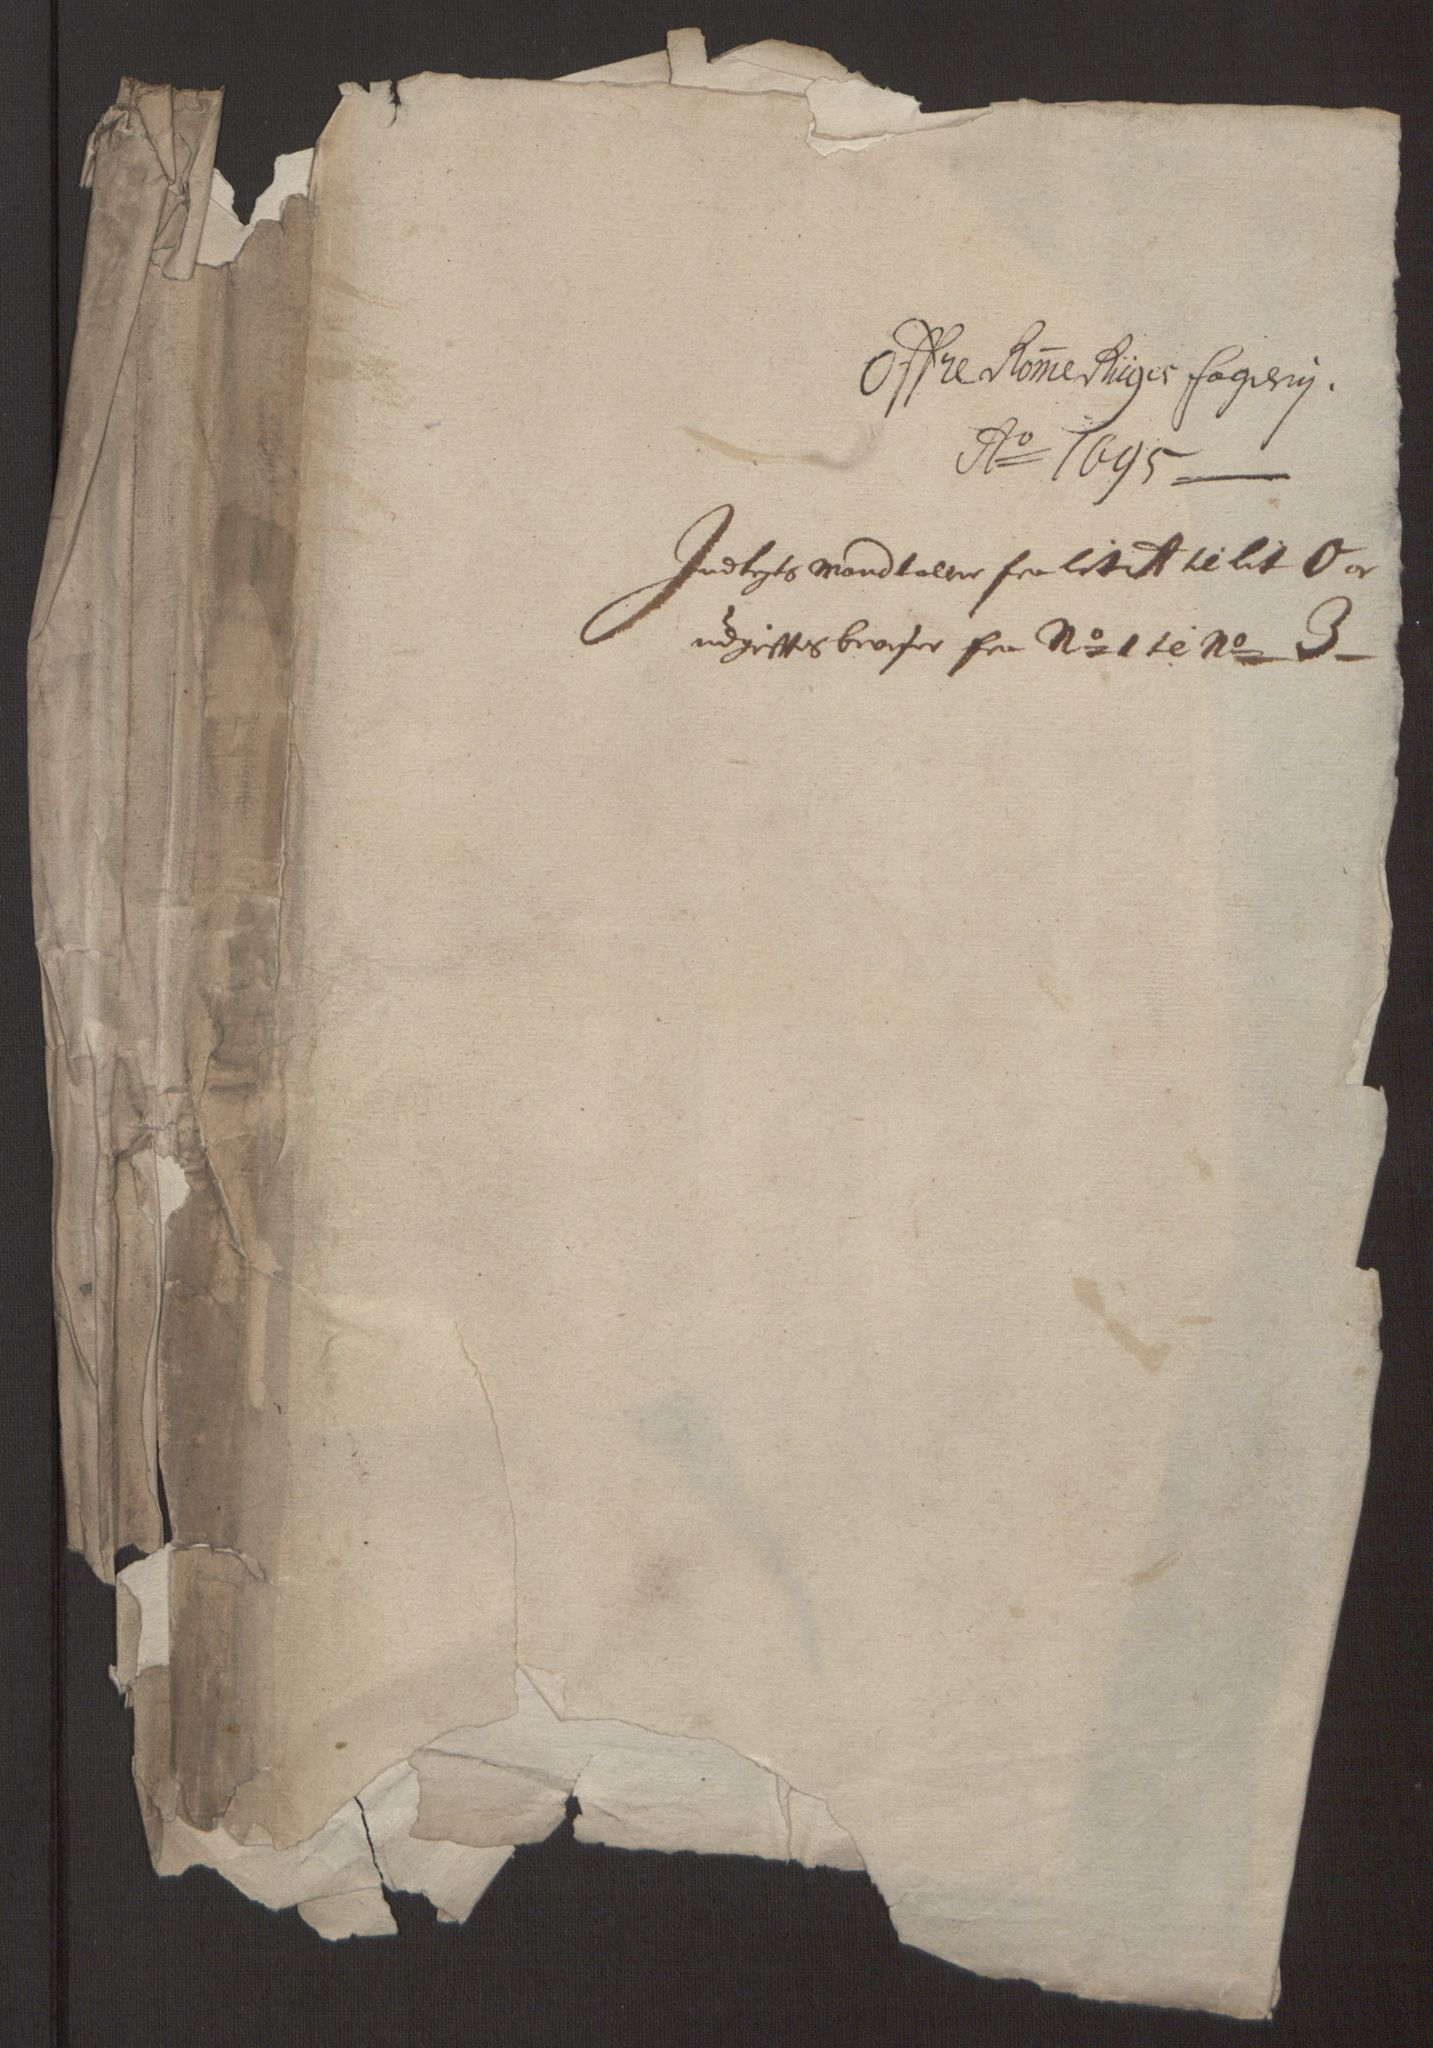 RA, Rentekammeret inntil 1814, Reviderte regnskaper, Fogderegnskap, R12/L0707: Fogderegnskap Øvre Romerike, 1695, s. 257